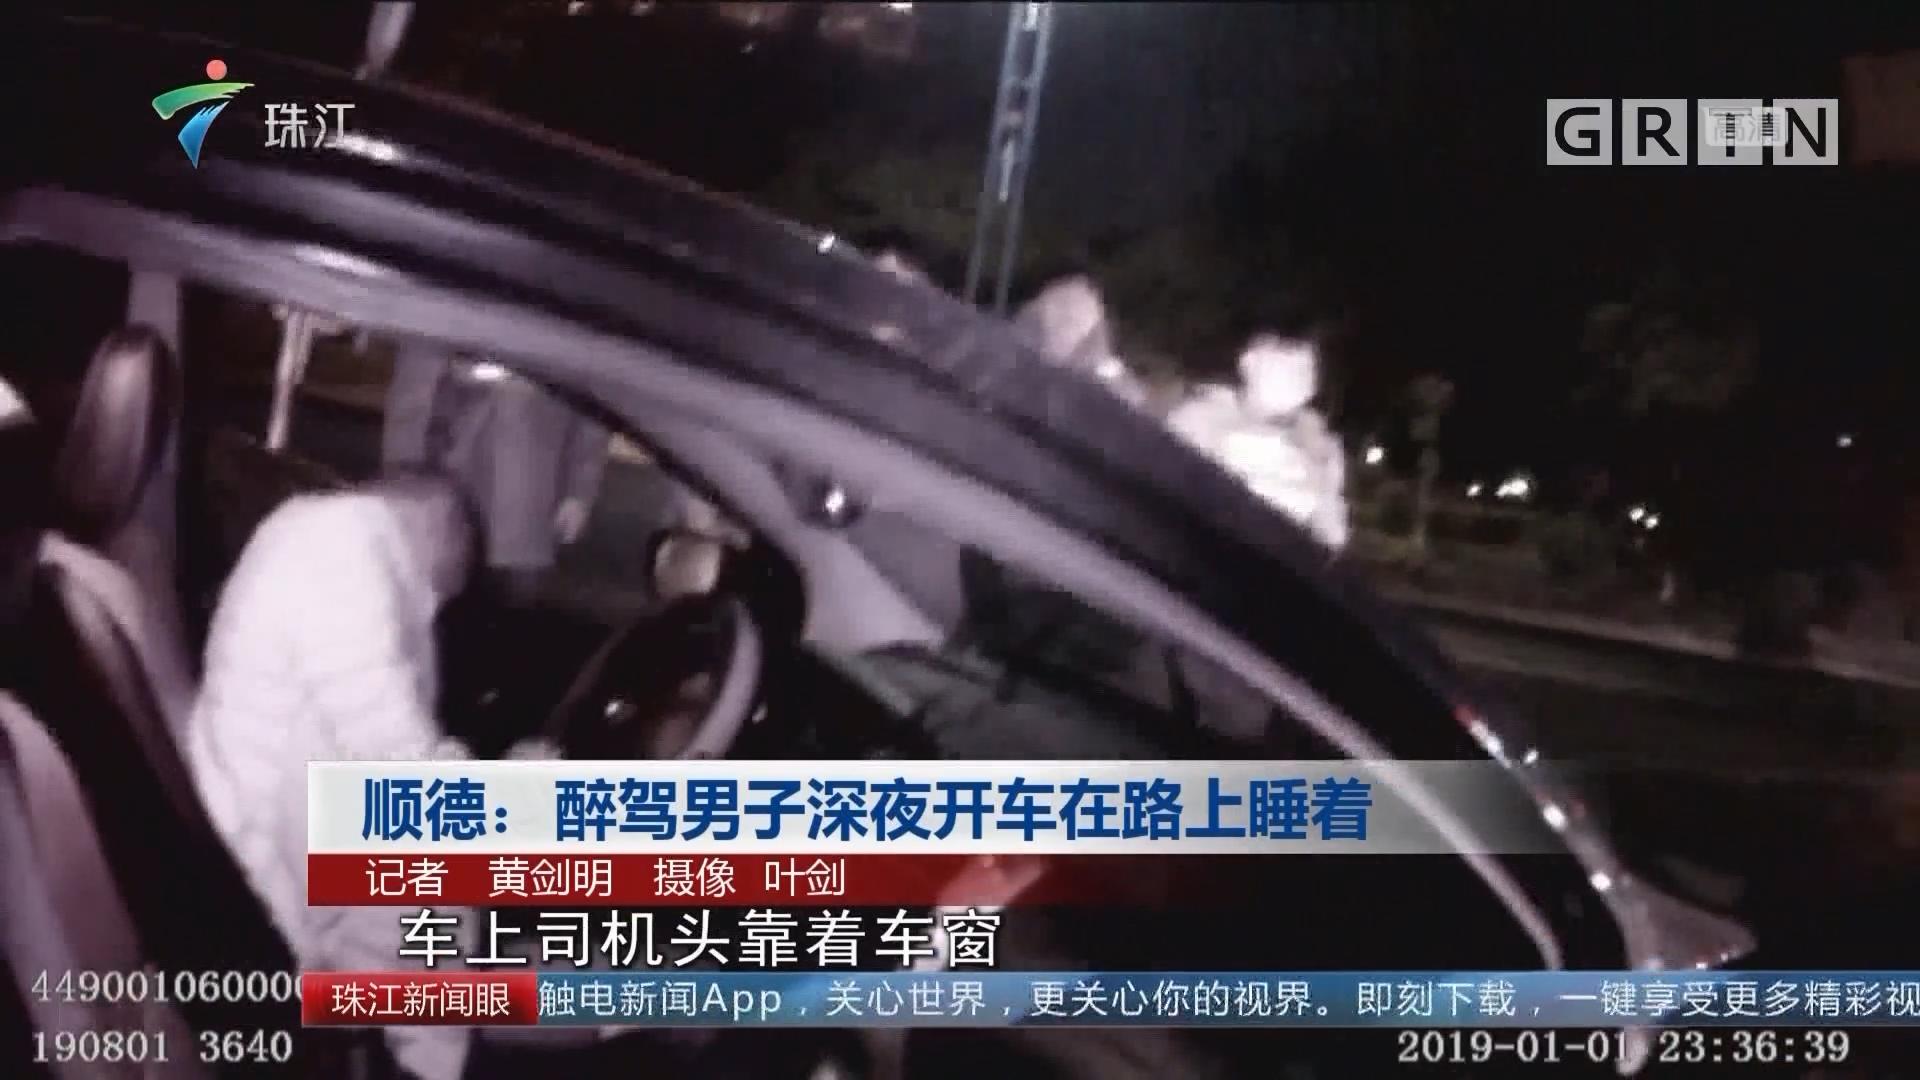 顺德:醉驾男子深夜开车在路上睡着